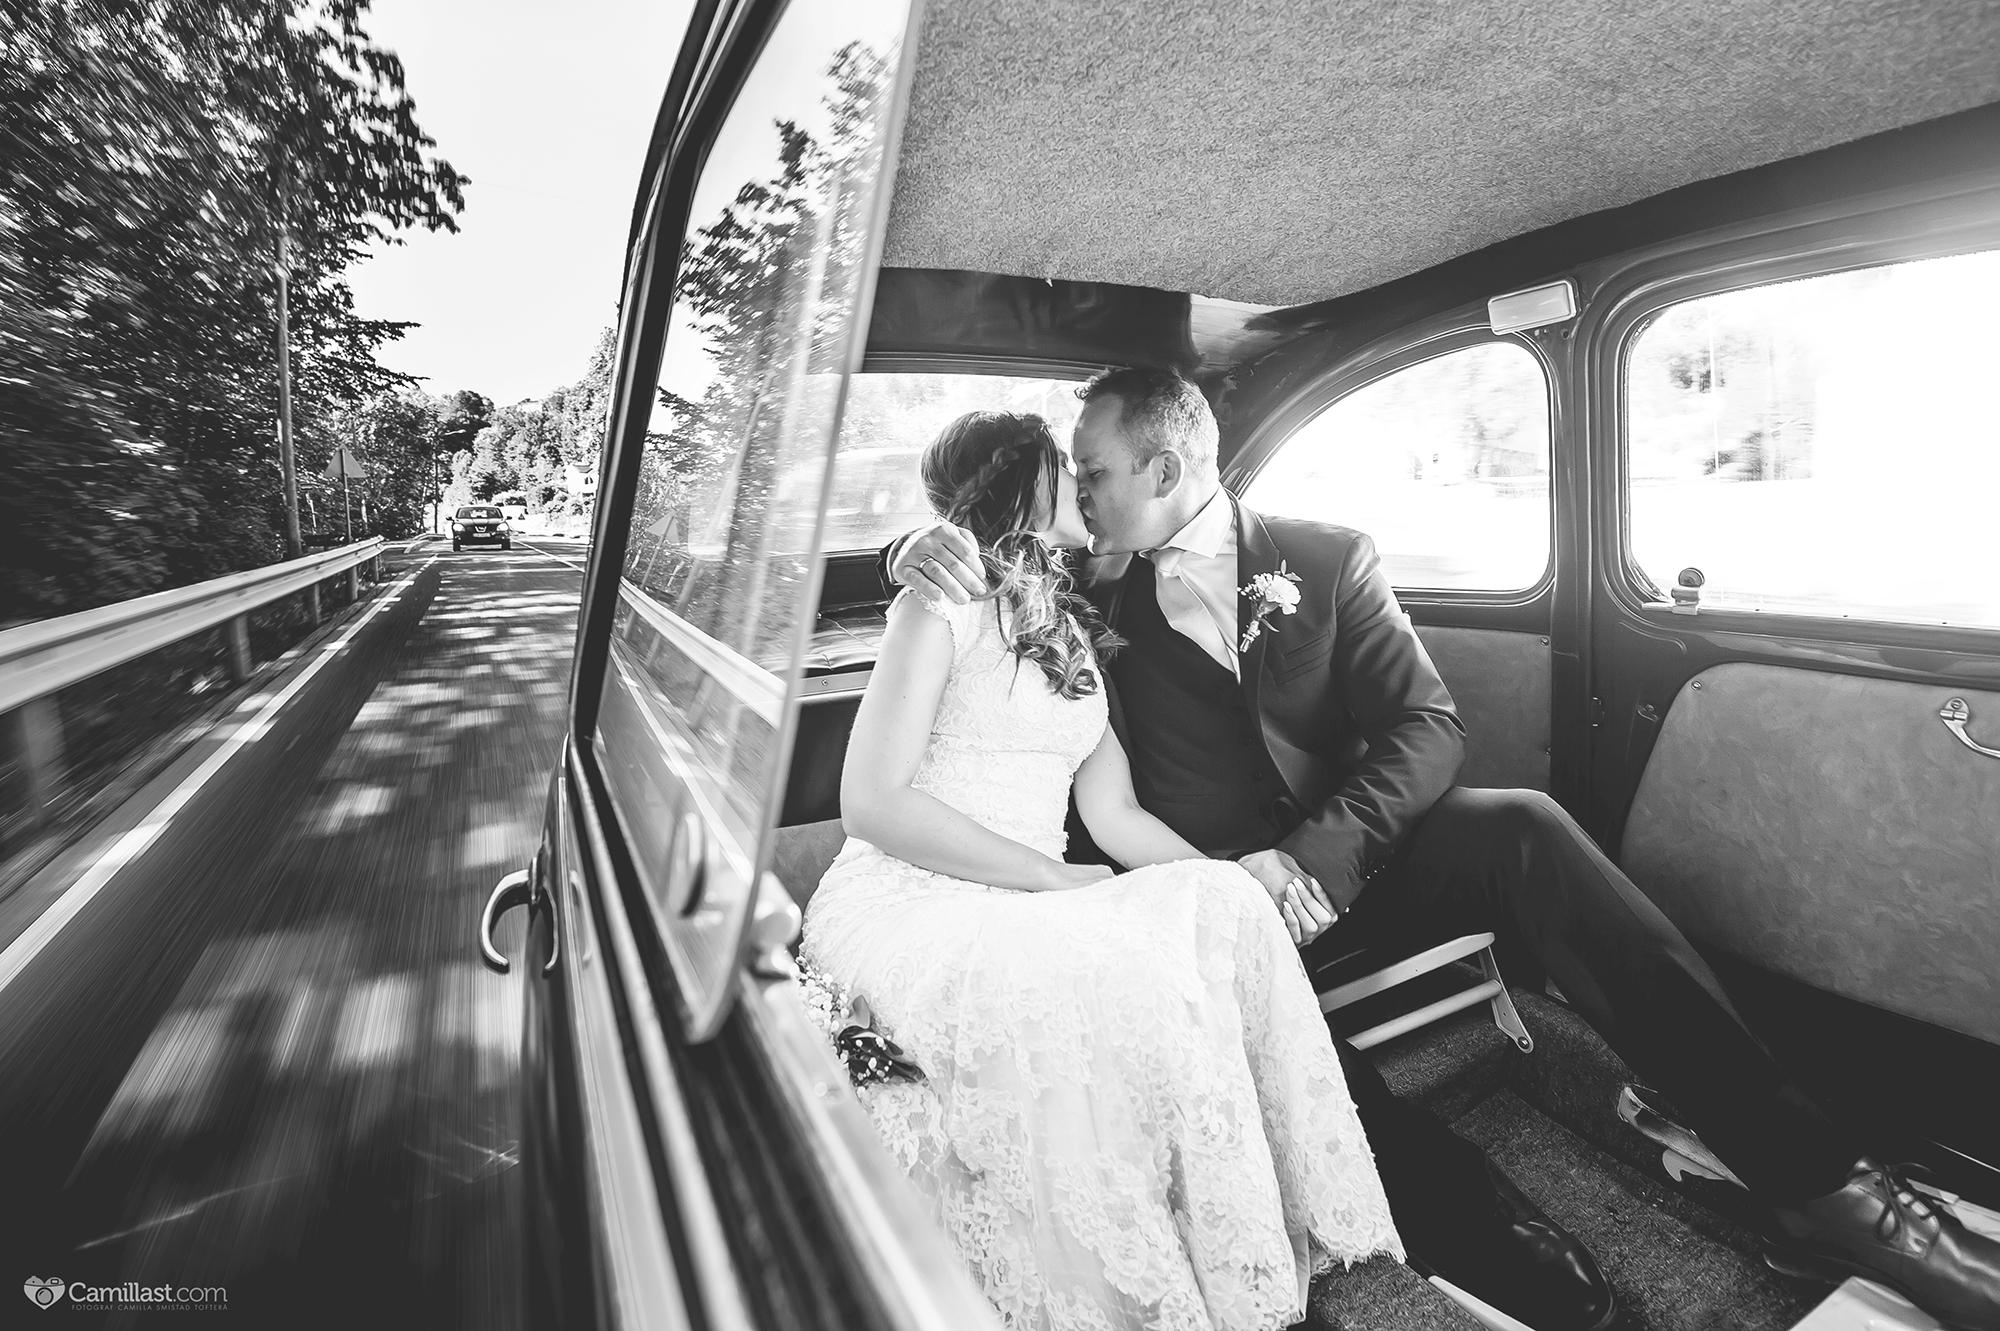 Dette bildet fikk 75 poeng og hederlig omtale i Landskonkurransen 2019 i bryllups kategorien. :) Utrolig gøy når bildene mine blir premiert!